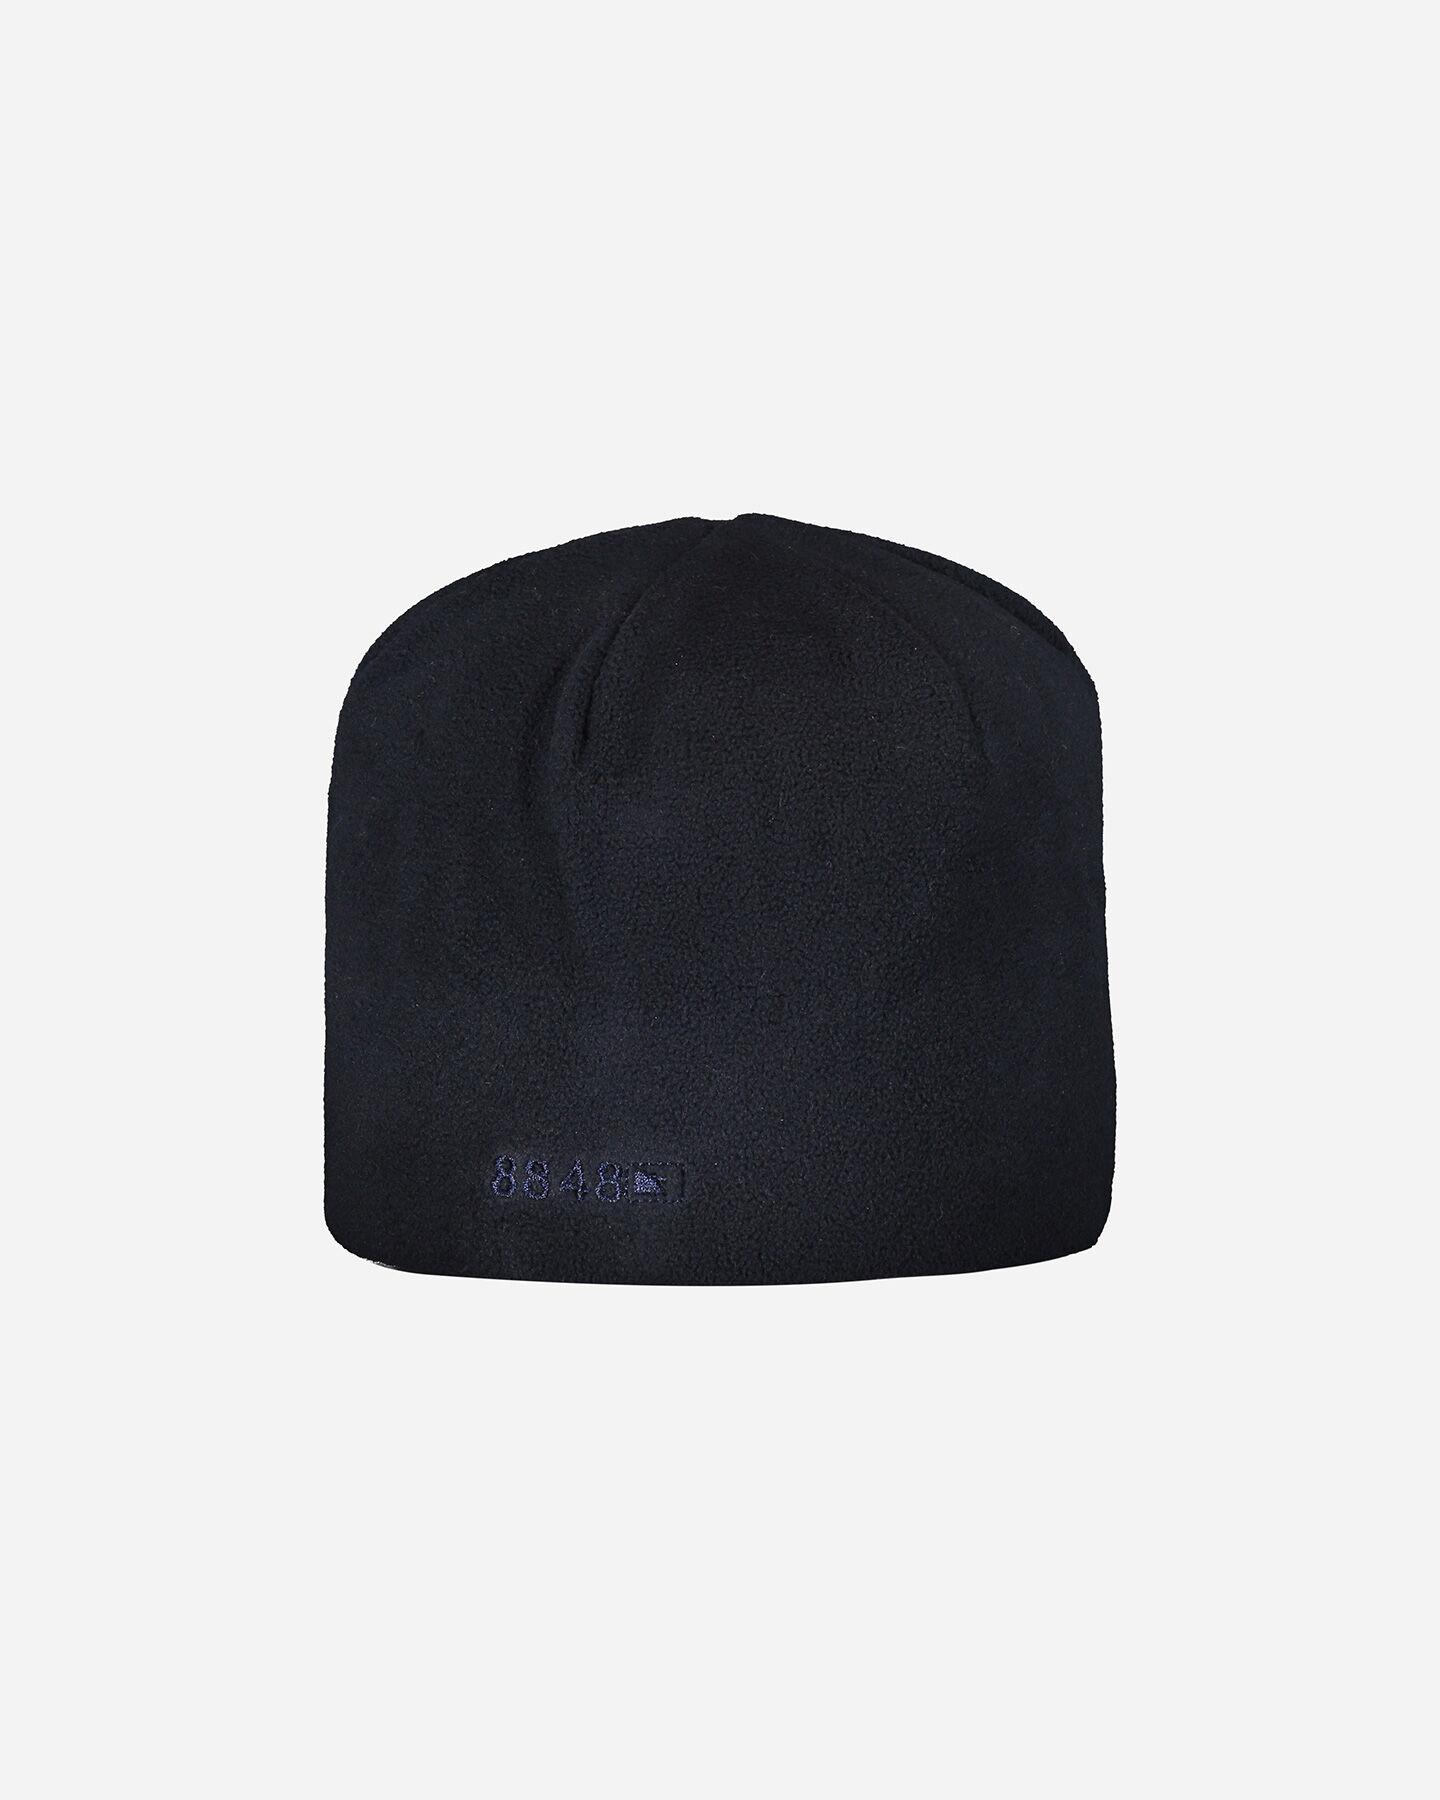 Berretto 8848 COMFOT CAP S1249153 scatto 0